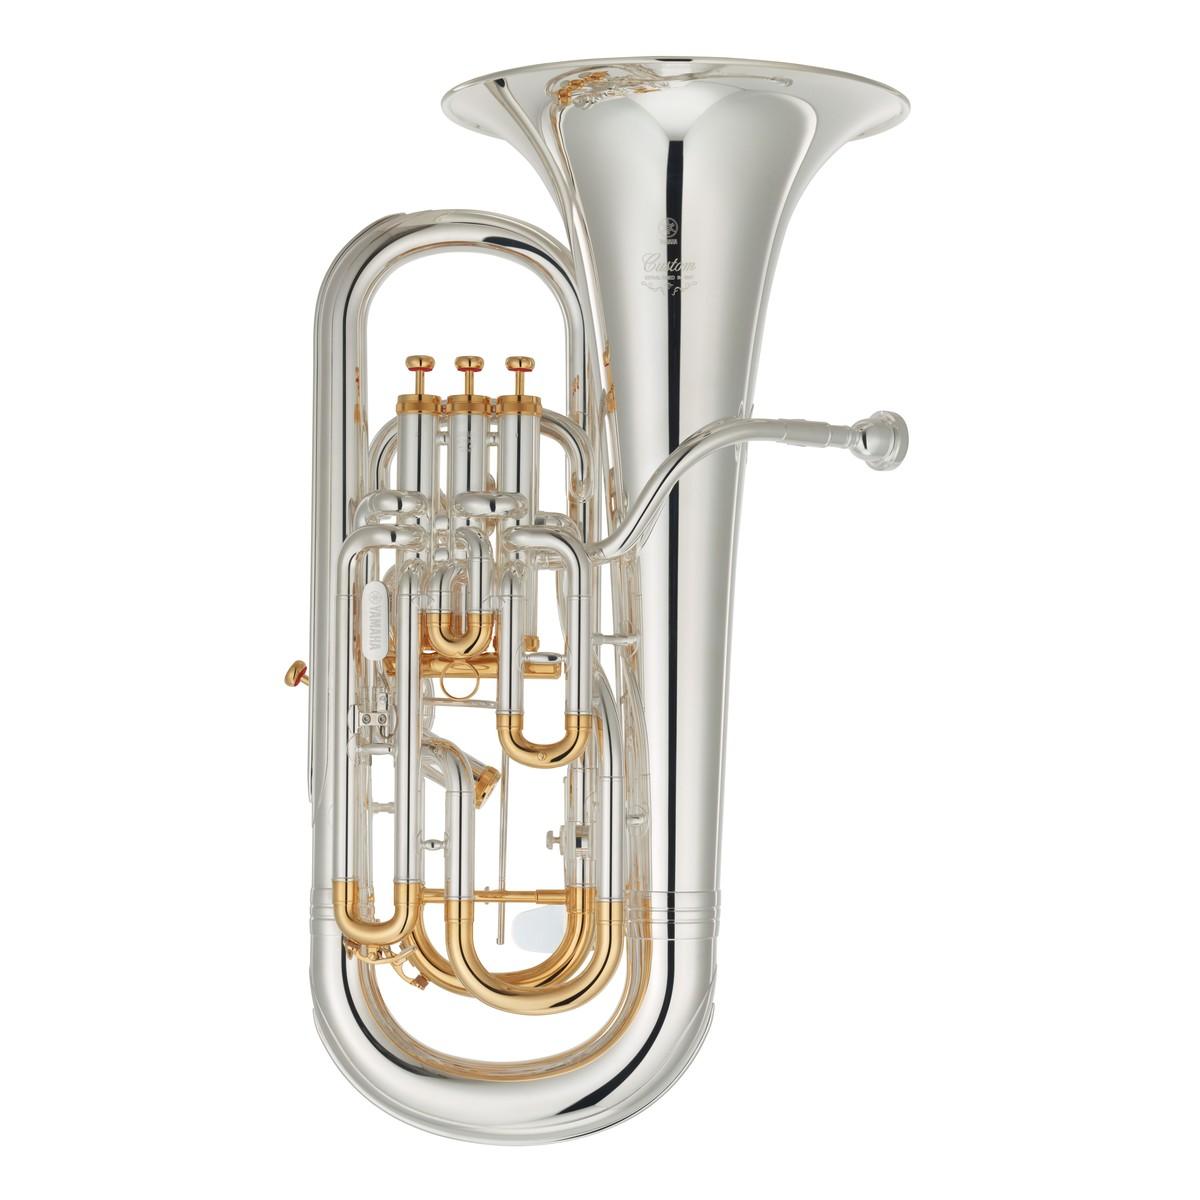 Yamaha Neo Euphonium Used